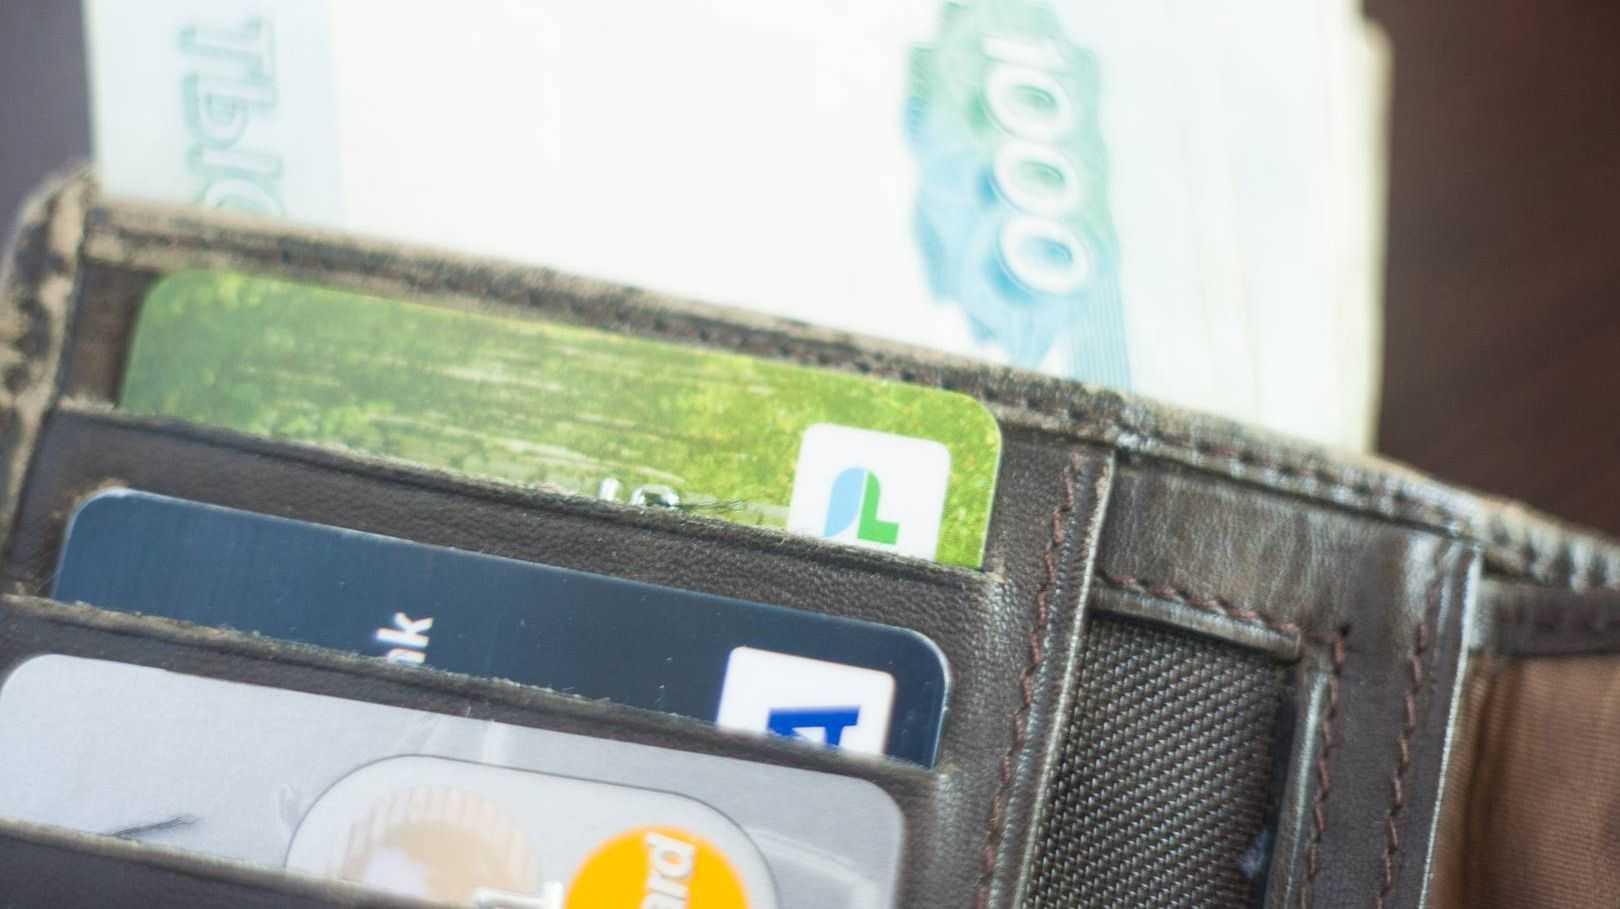 Кредитная карта Мир Visa MasterCard Деньги